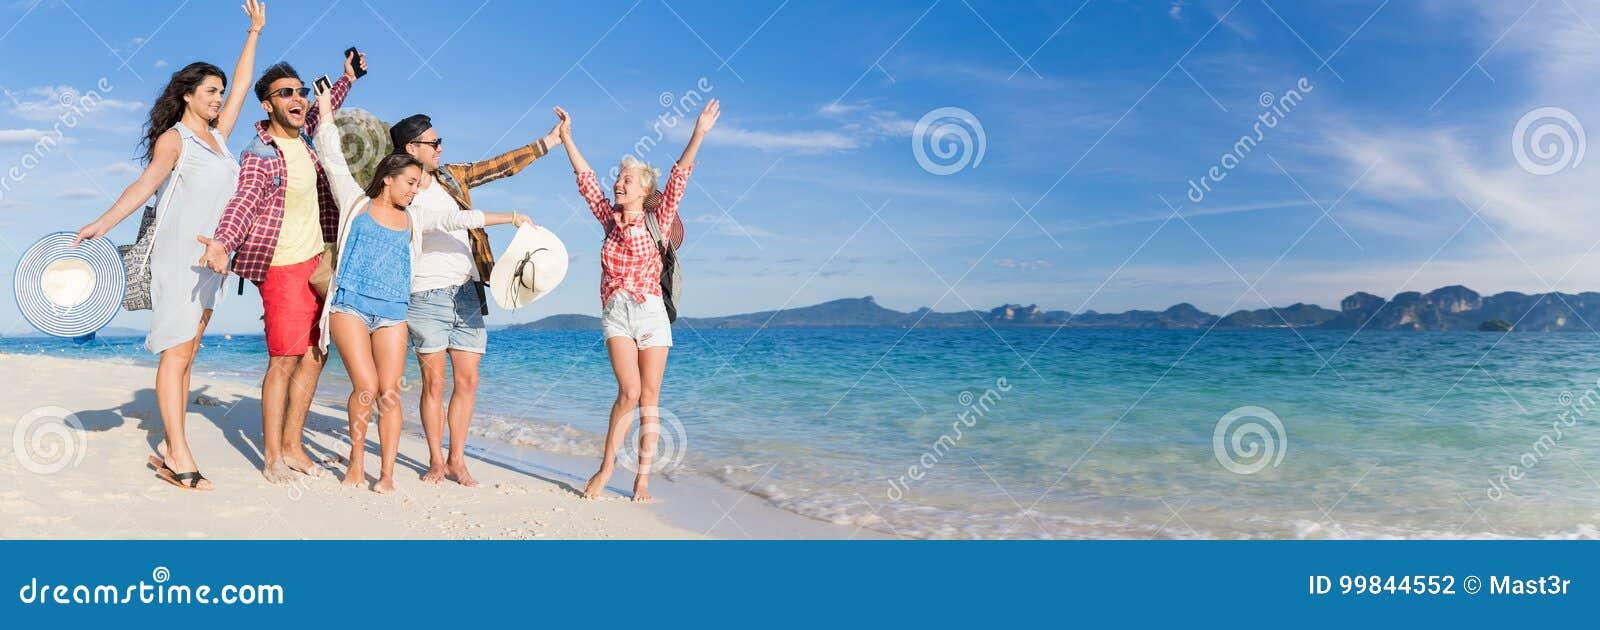 Grupo el vacaciones de verano de la playa, playa que camina sonriente feliz de la gente joven de los amigos